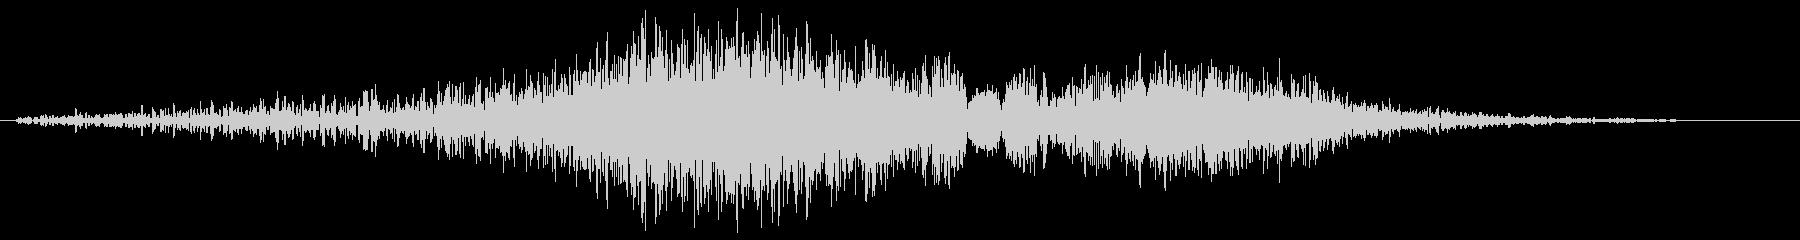 フワーピシャー(スライド音)の未再生の波形